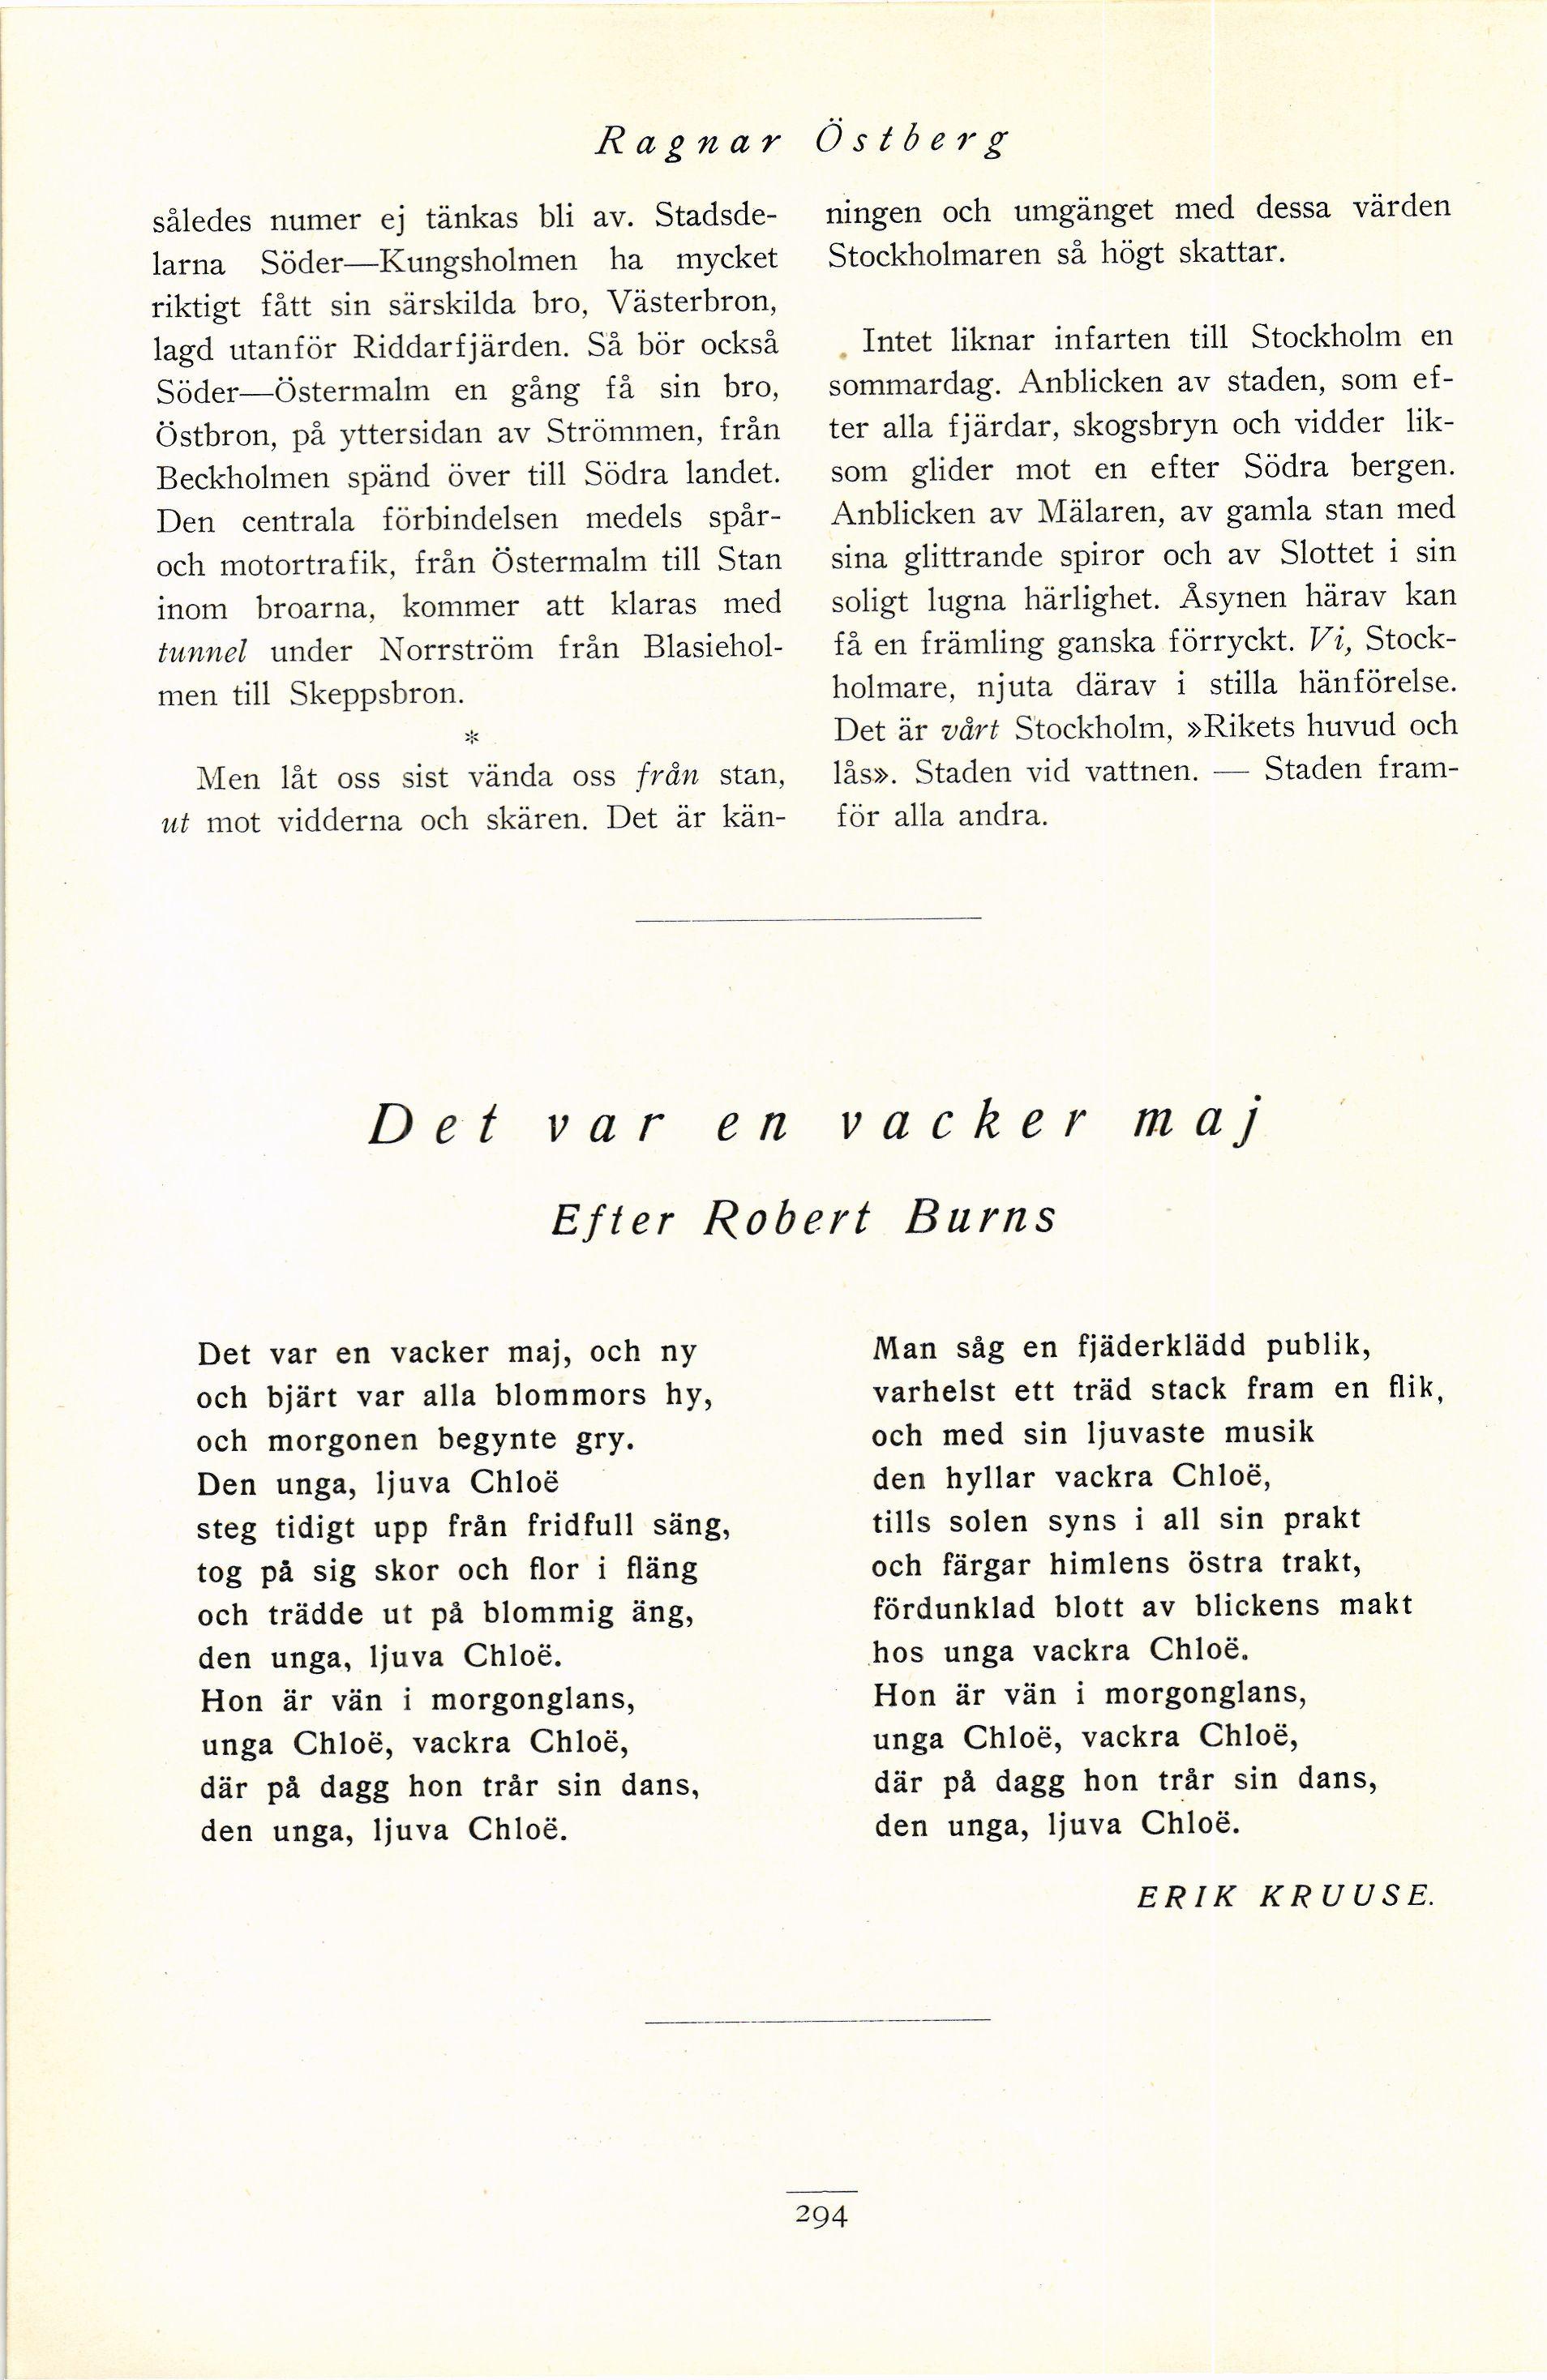 fcd21b6b333c Av Ragnar Östberg - Det var en vacker maj. Efter Robert Burns. Översatt av  Erik Kruuse